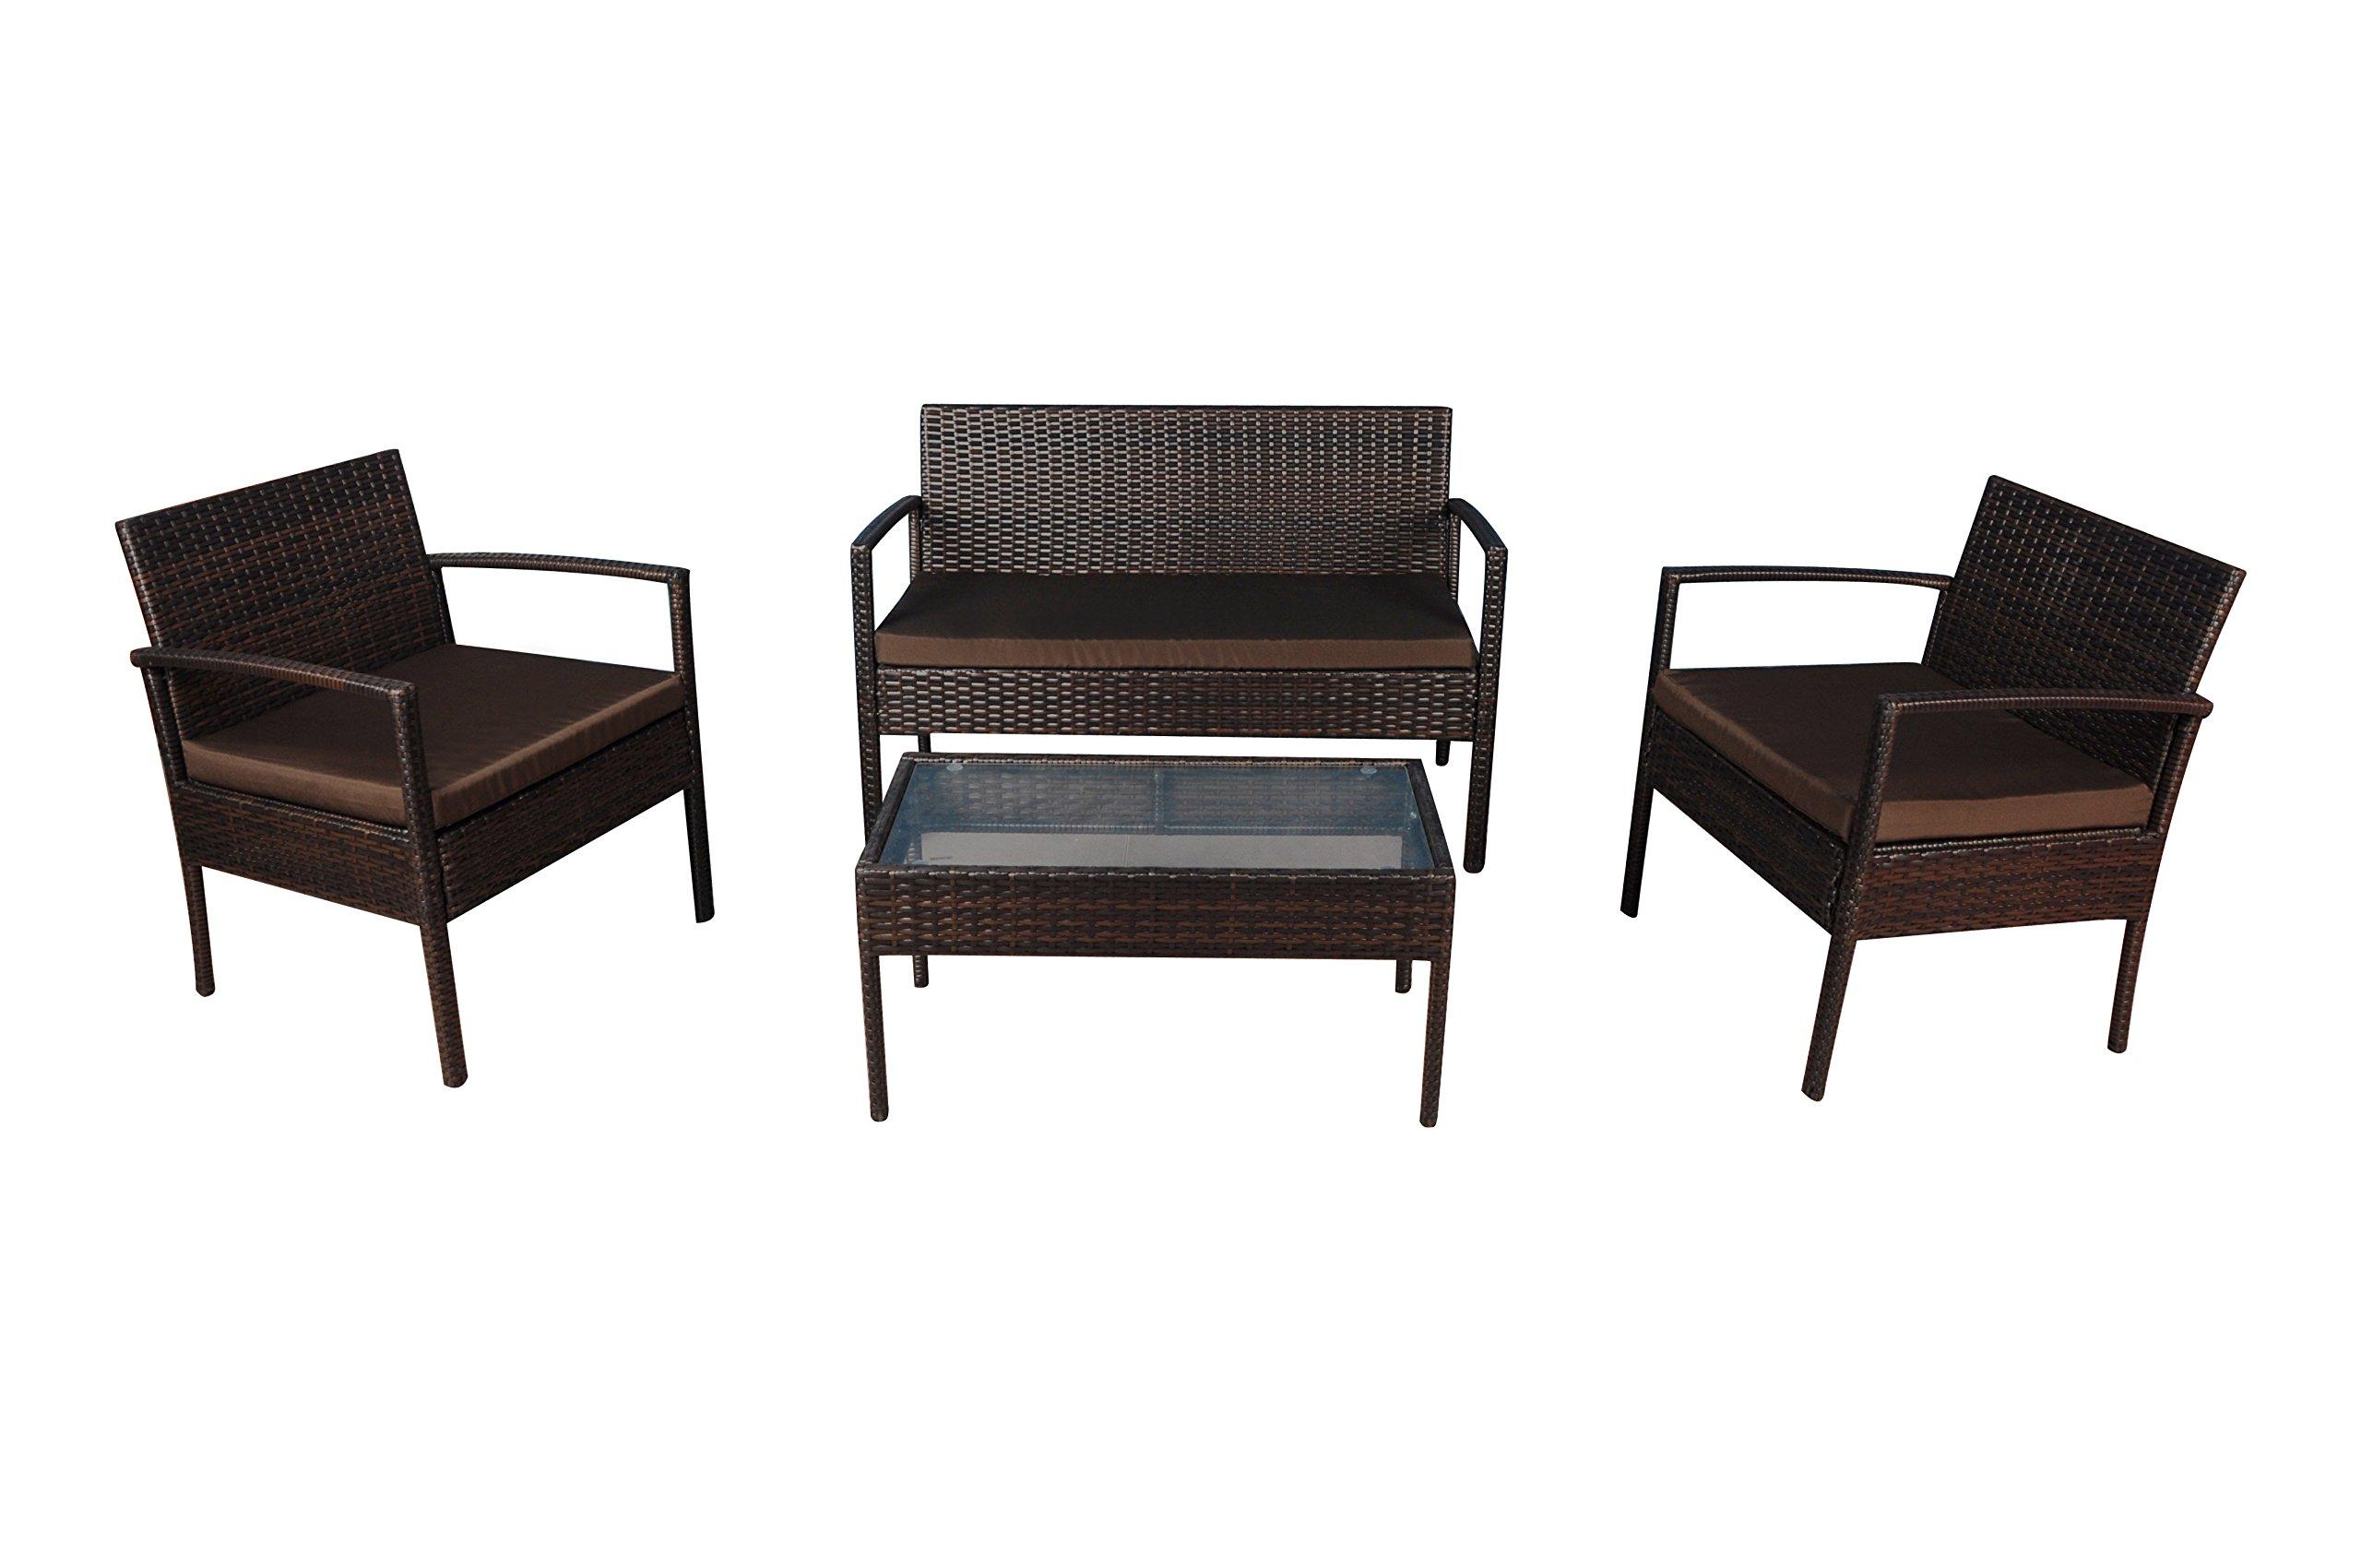 Modern Outdoor Garden, Patio 4 Piece Set - Wicker Sofa Furniture Set (Brown / Brown)